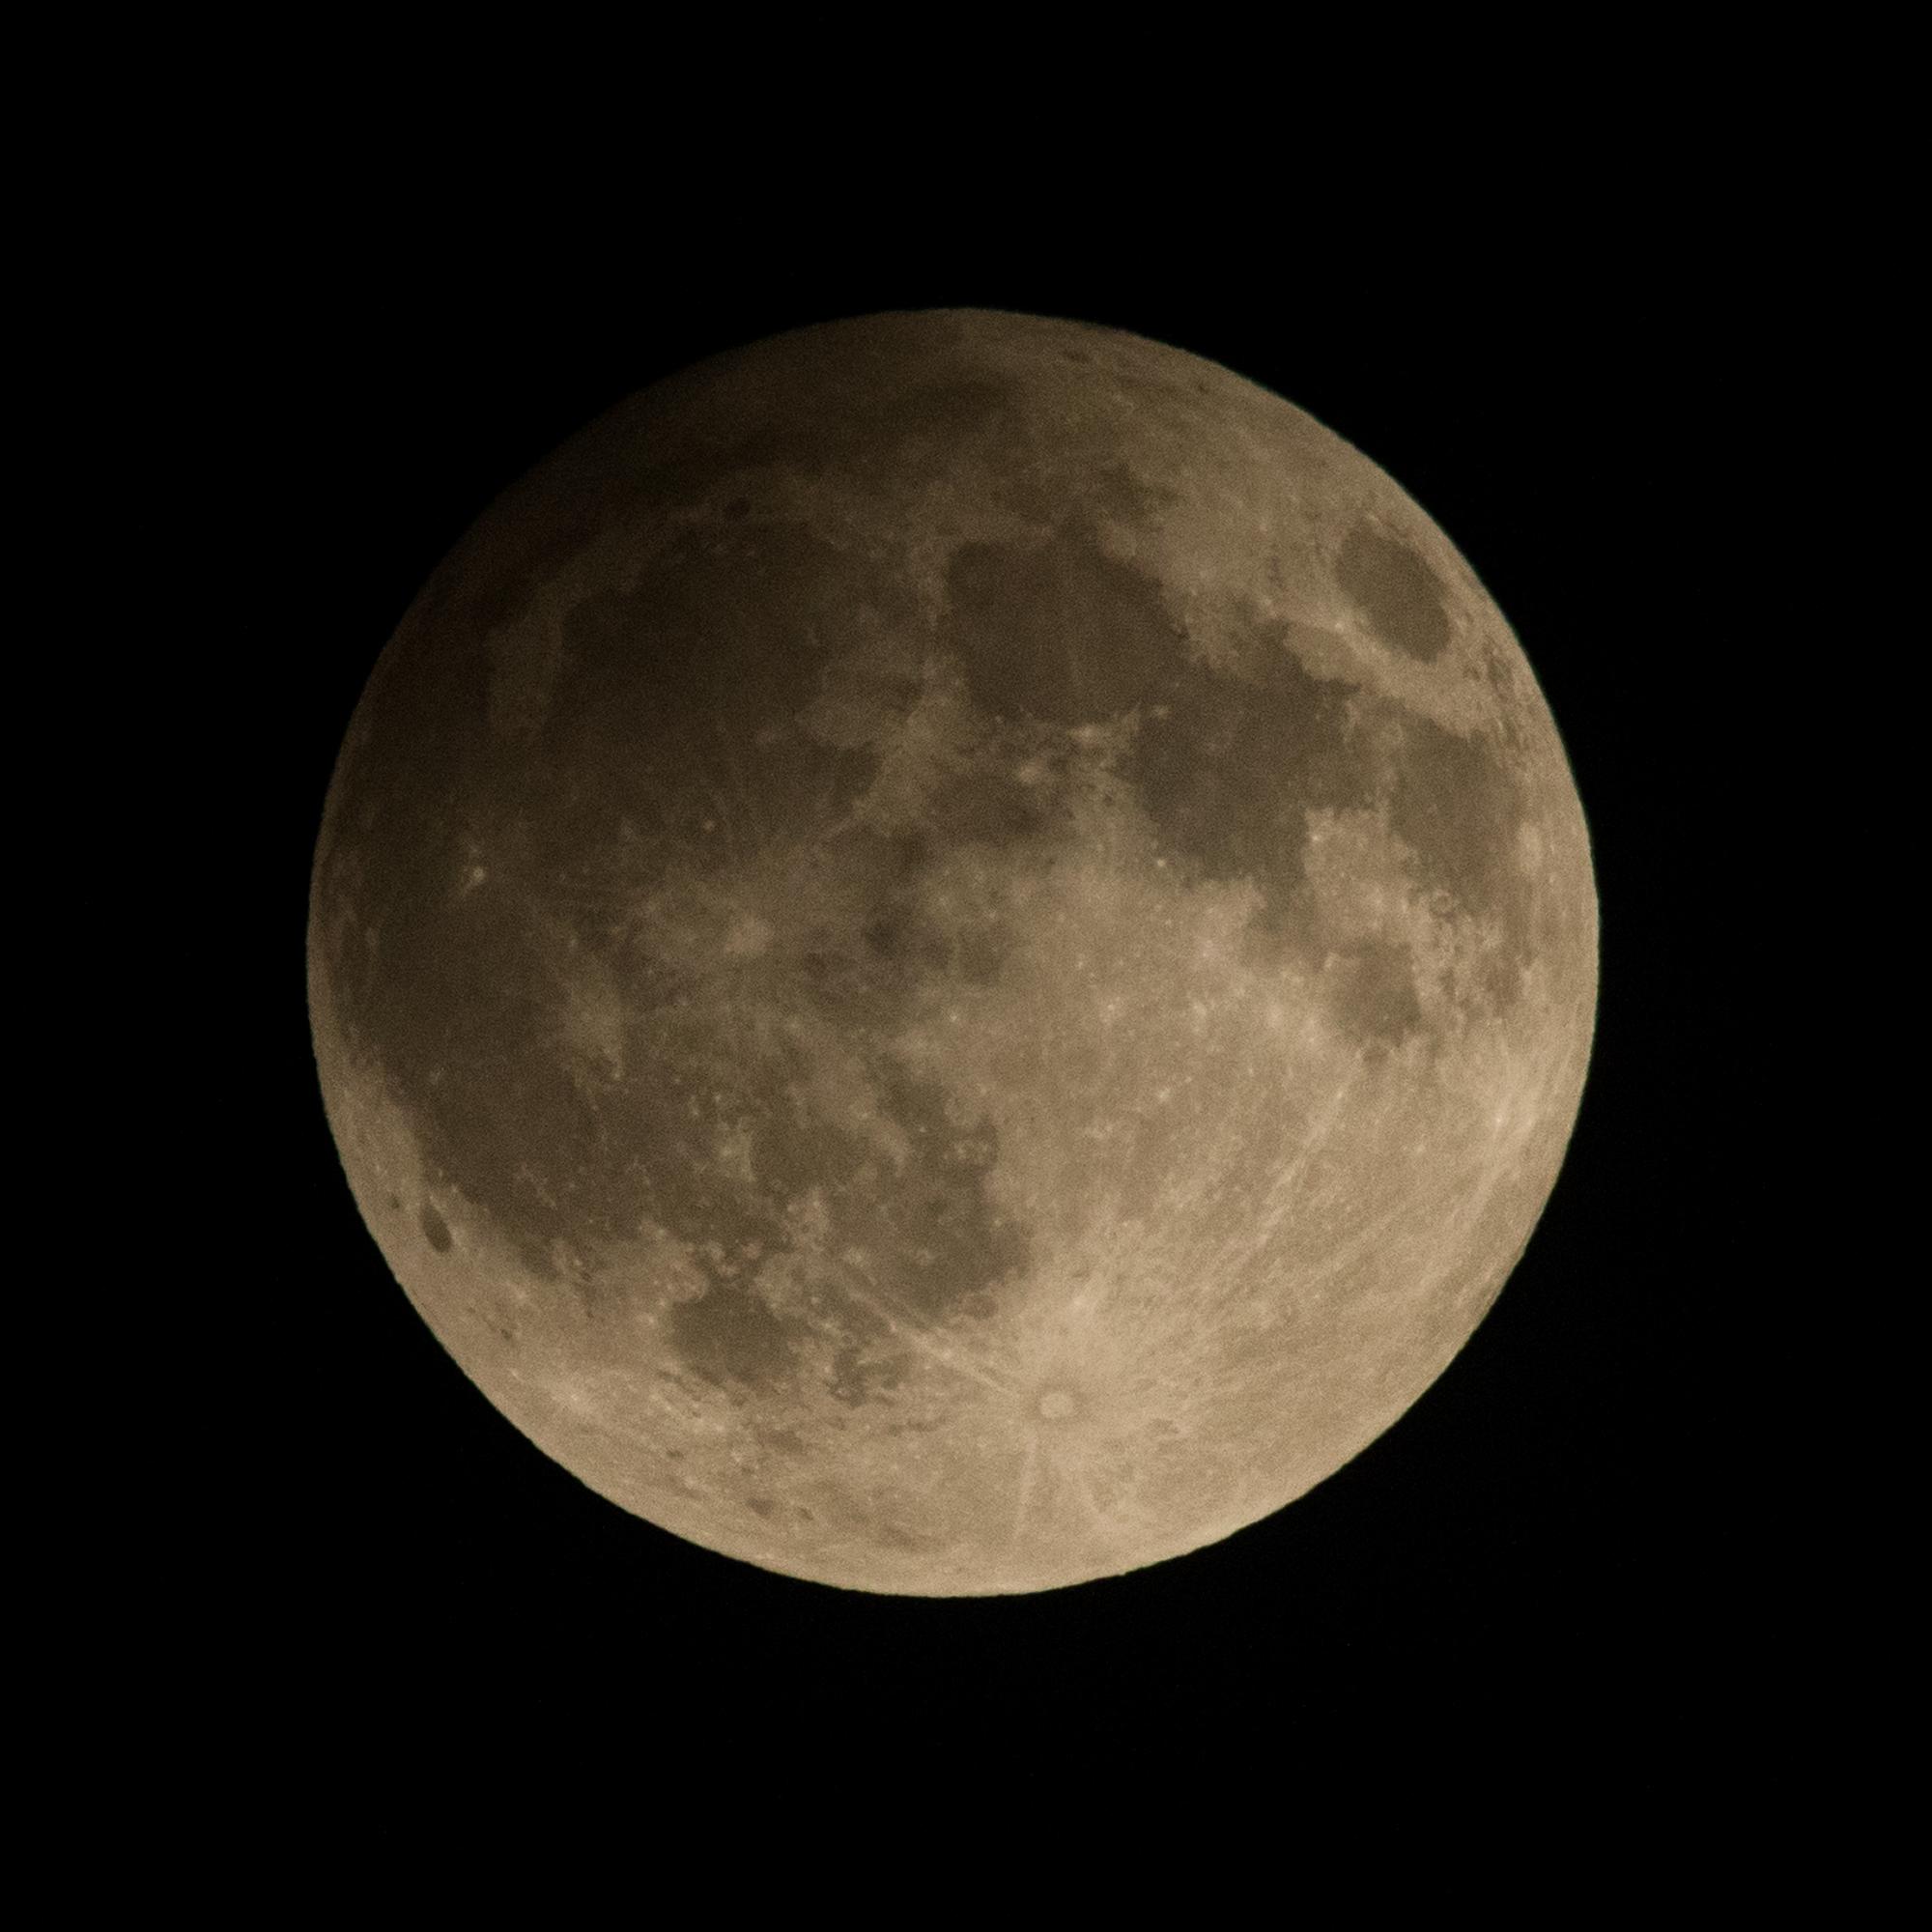 Затемнувањето фотографирано од нас. Аеродром нешто пред максимумот, во 20:40 ч. Опрема: Canon 5D Mark II, Sigma 150-500, трипод; f9, 1/800 @ ISO 800. Заслуги: Боби Кузмановски